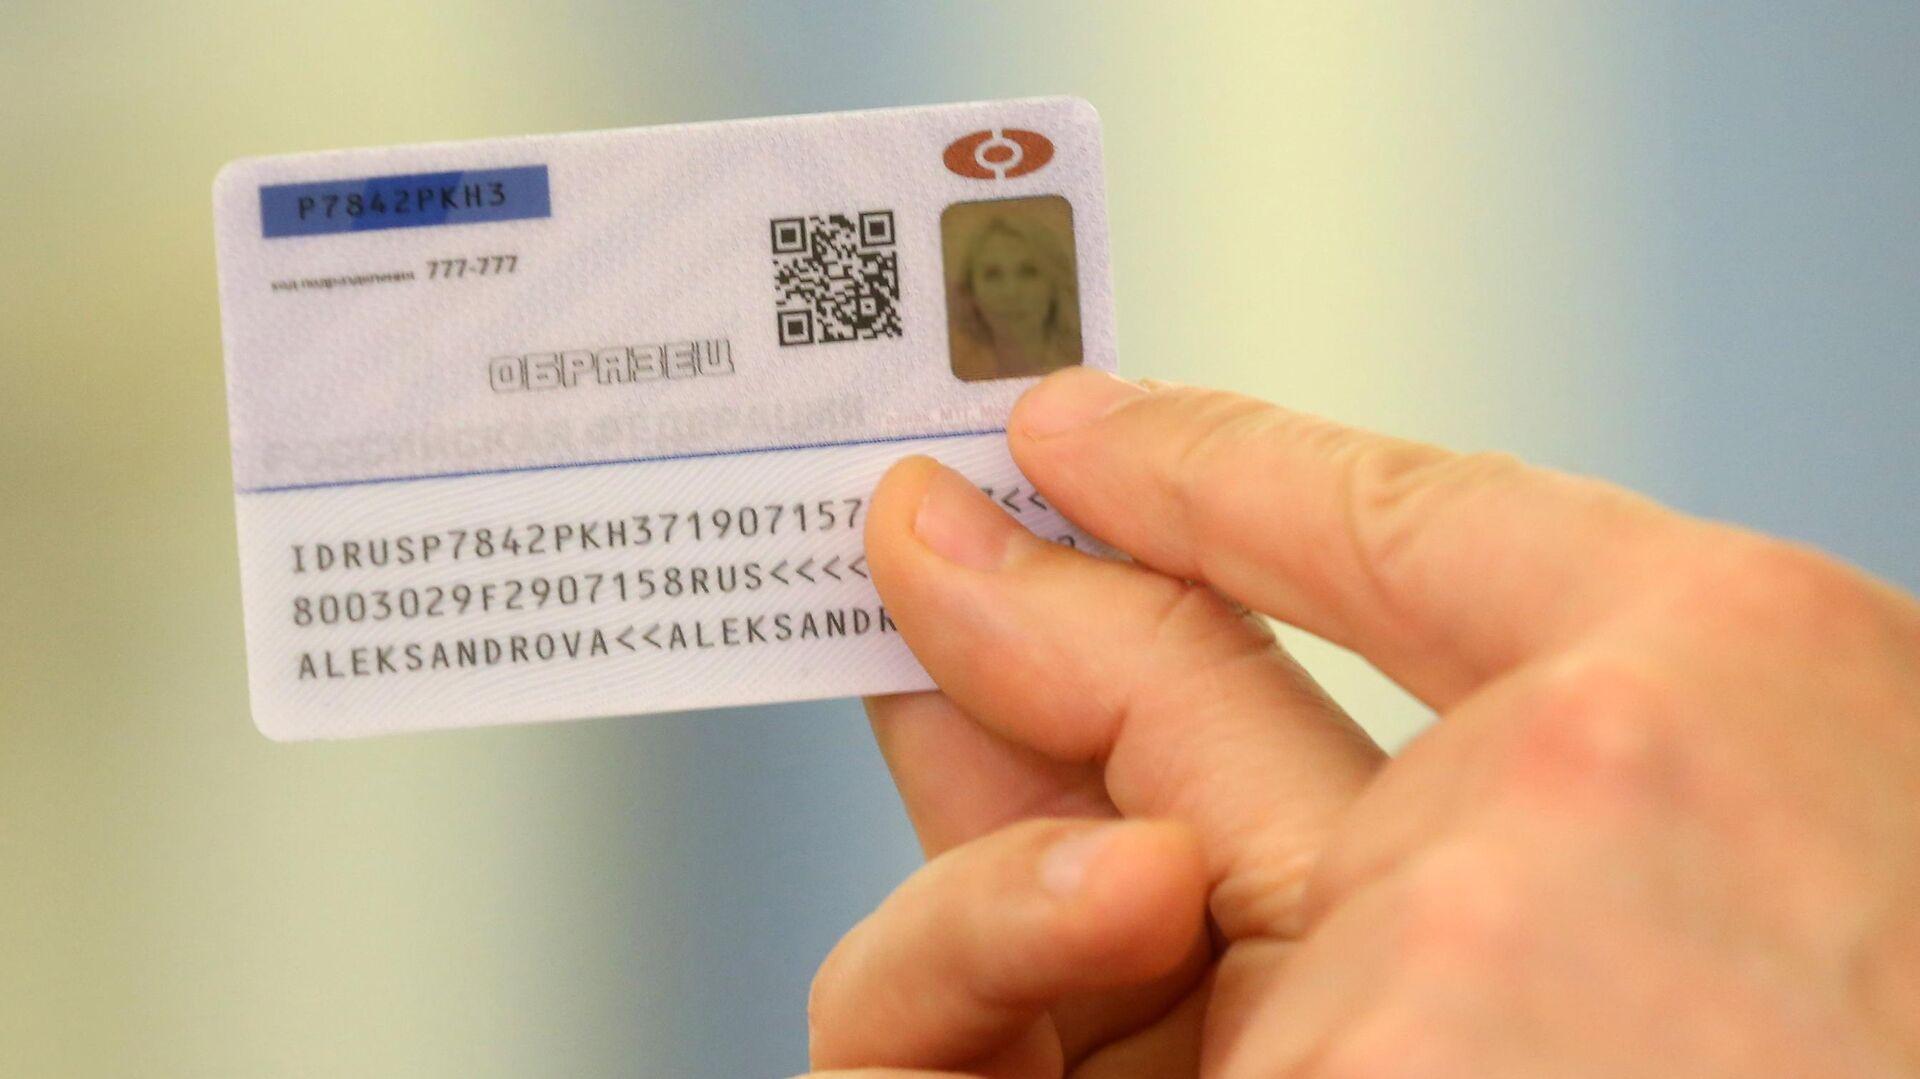 Заместитель председателя правительства РФ Максим Акимов демонстрирует образец электронного паспорта  - РИА Новости, 1920, 21.07.2021